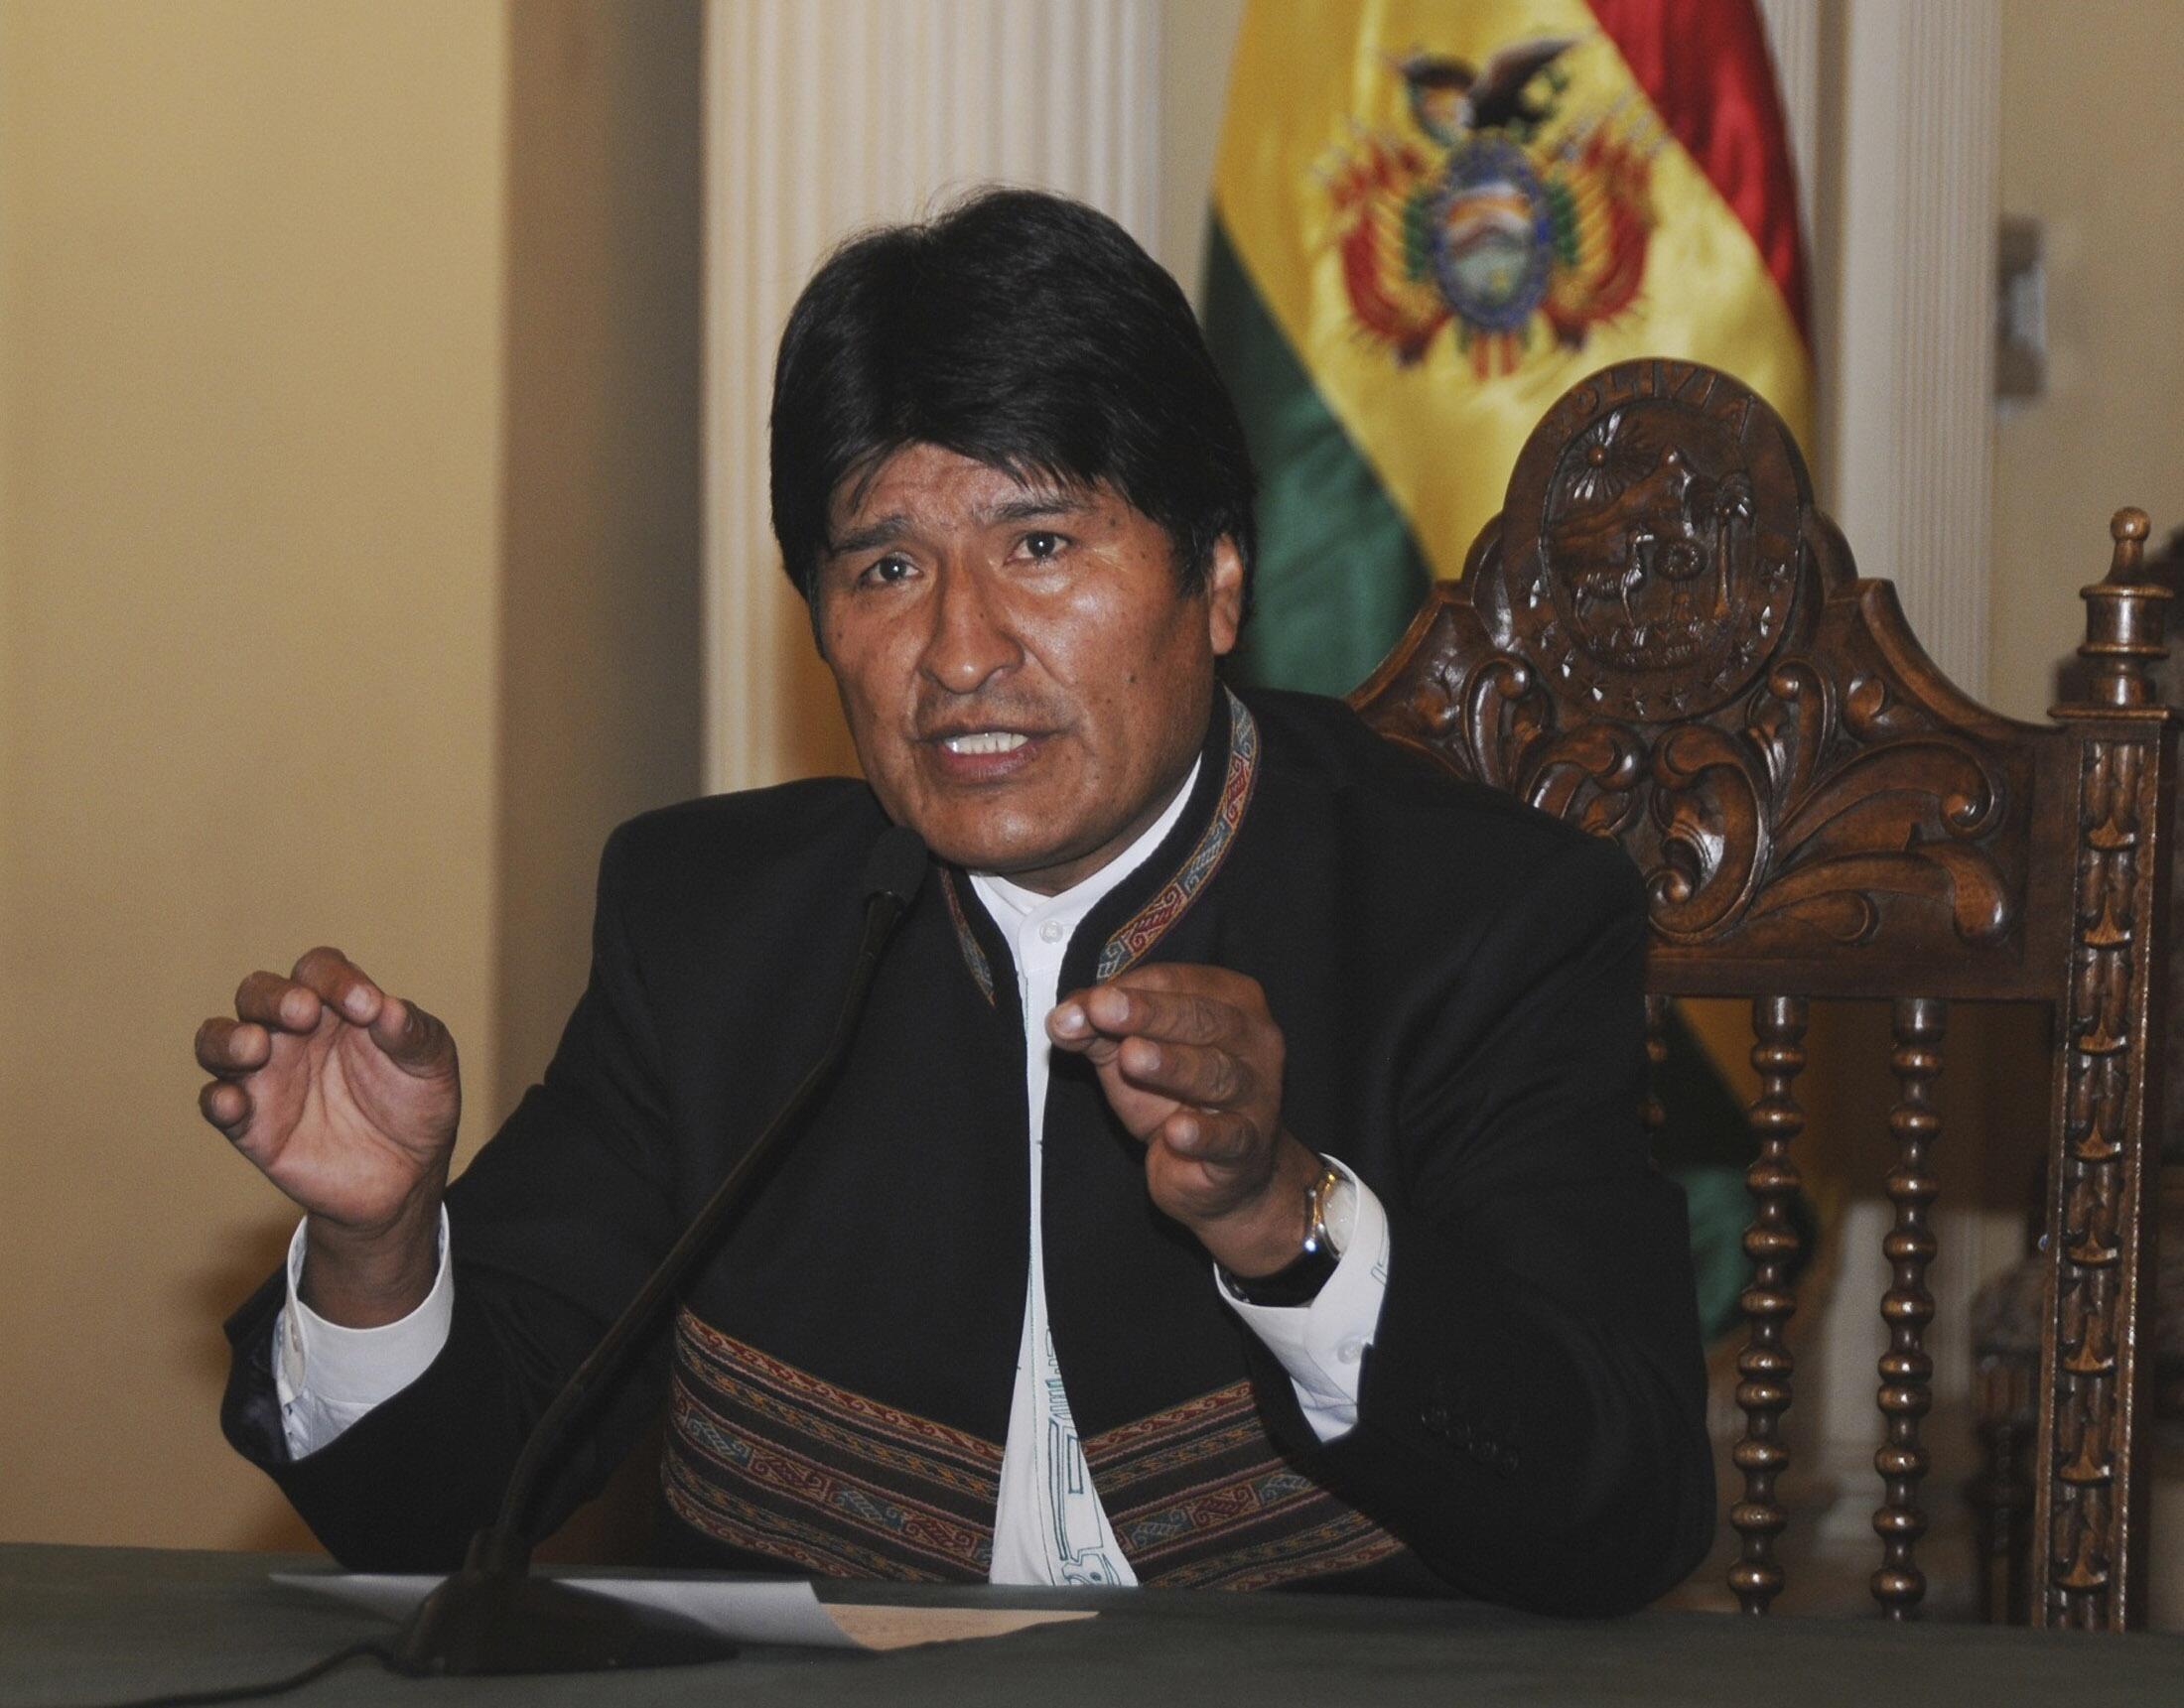 Le président bolivien, Evo Morales, se livre à un bras de fer avec les policiers.